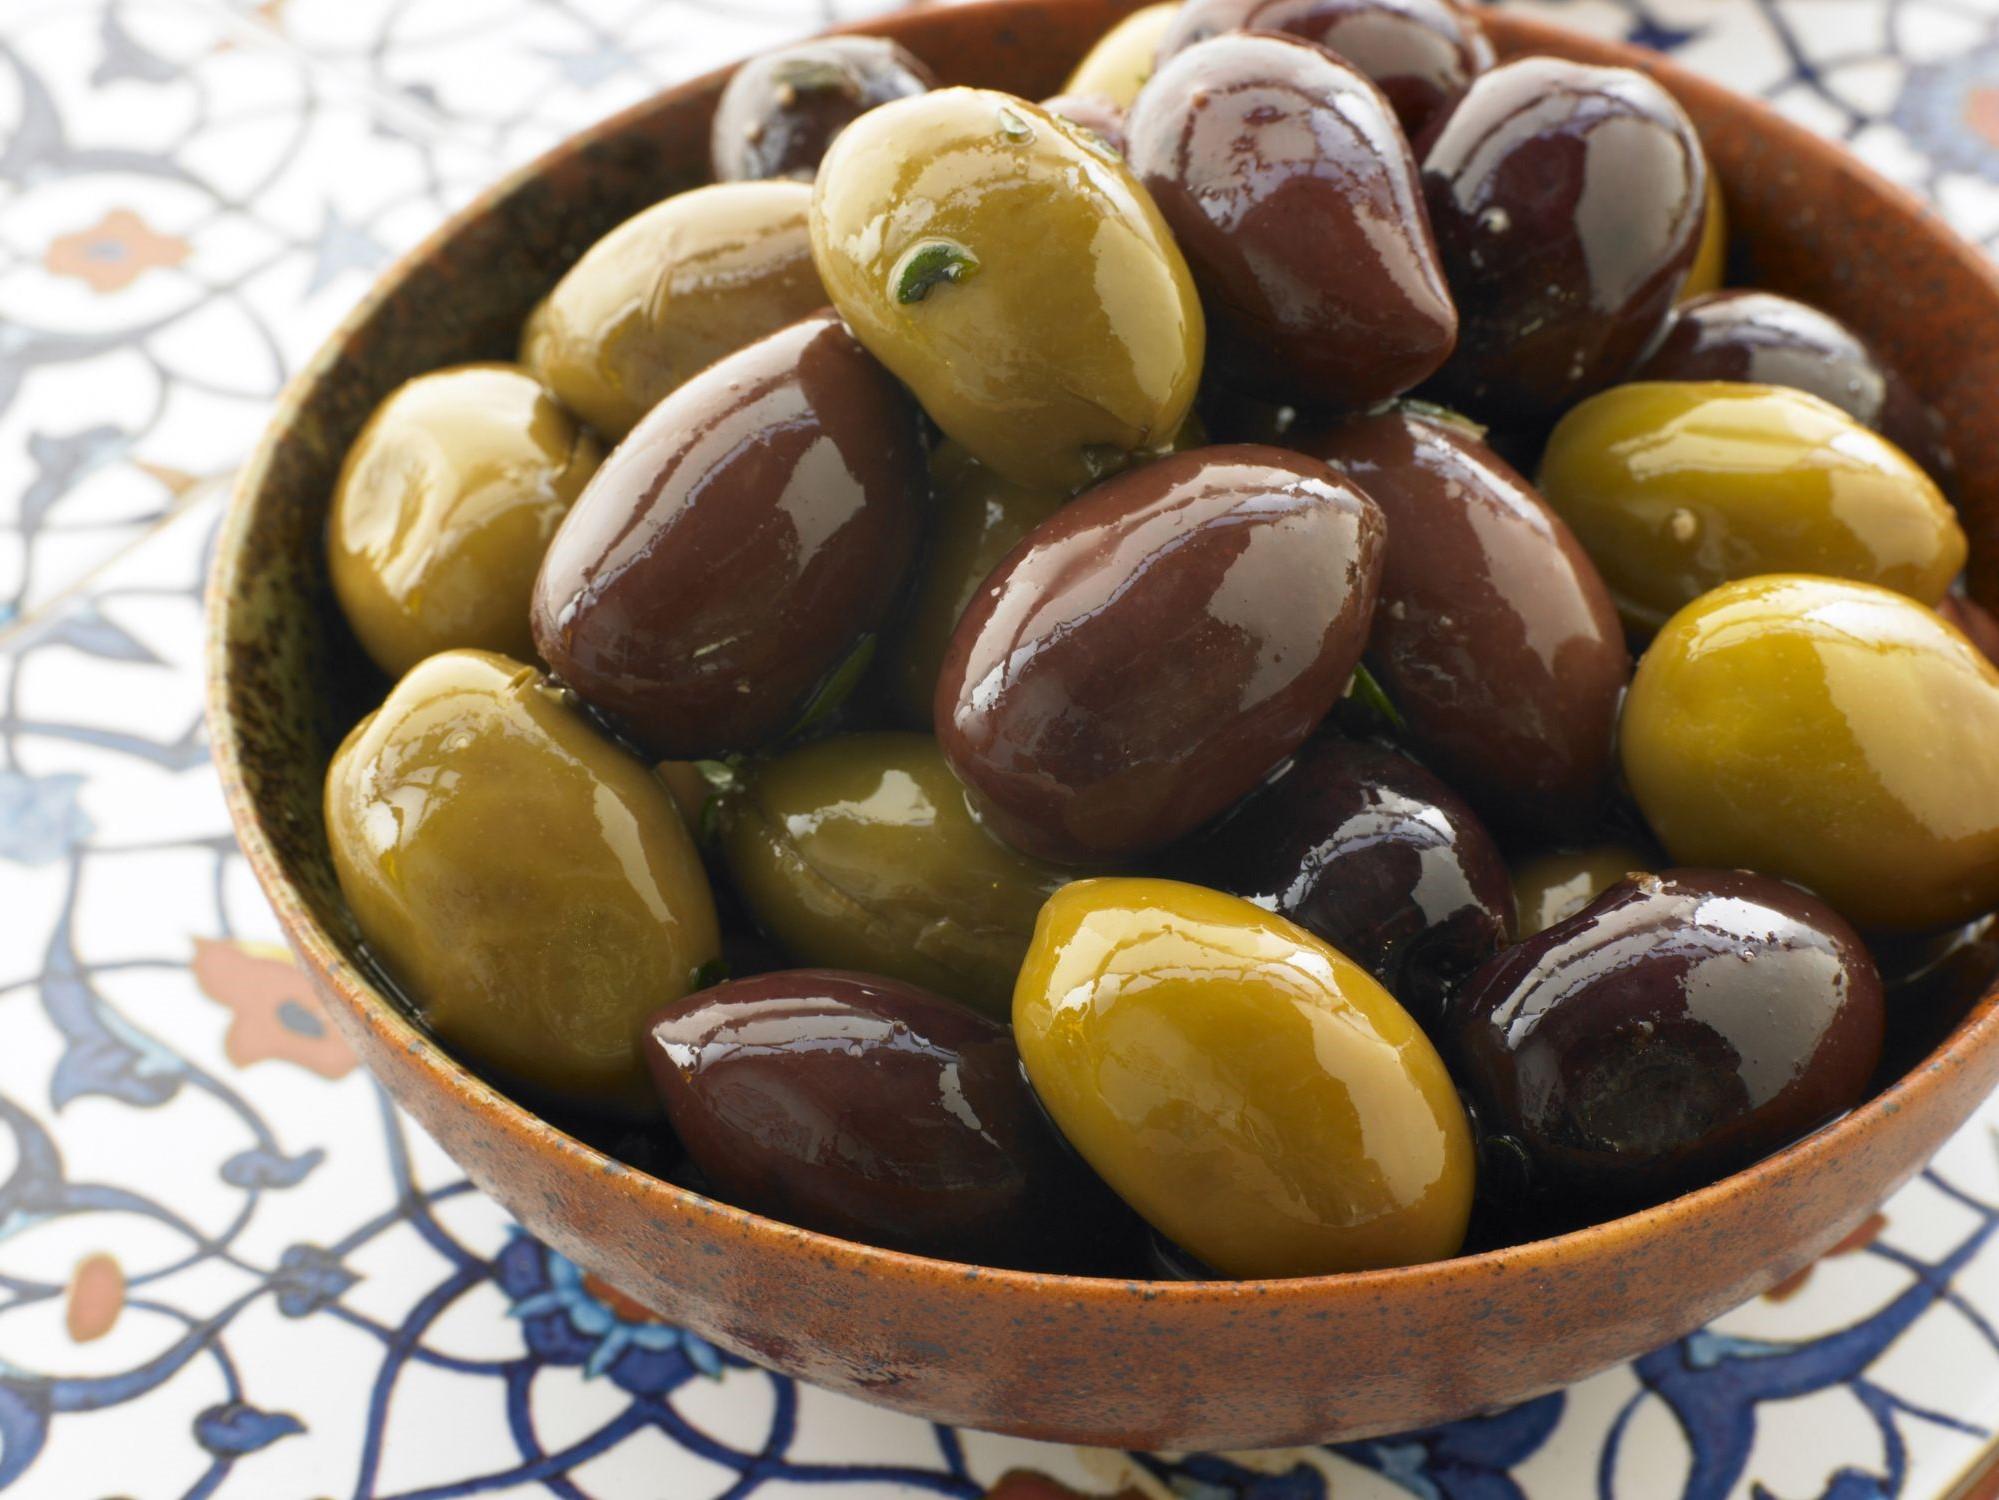 L'olive est un autre fruit délicieux riche en matières grasses. Il est très riche en fer et en cuivre et contient une grande quantité de vitamine E.